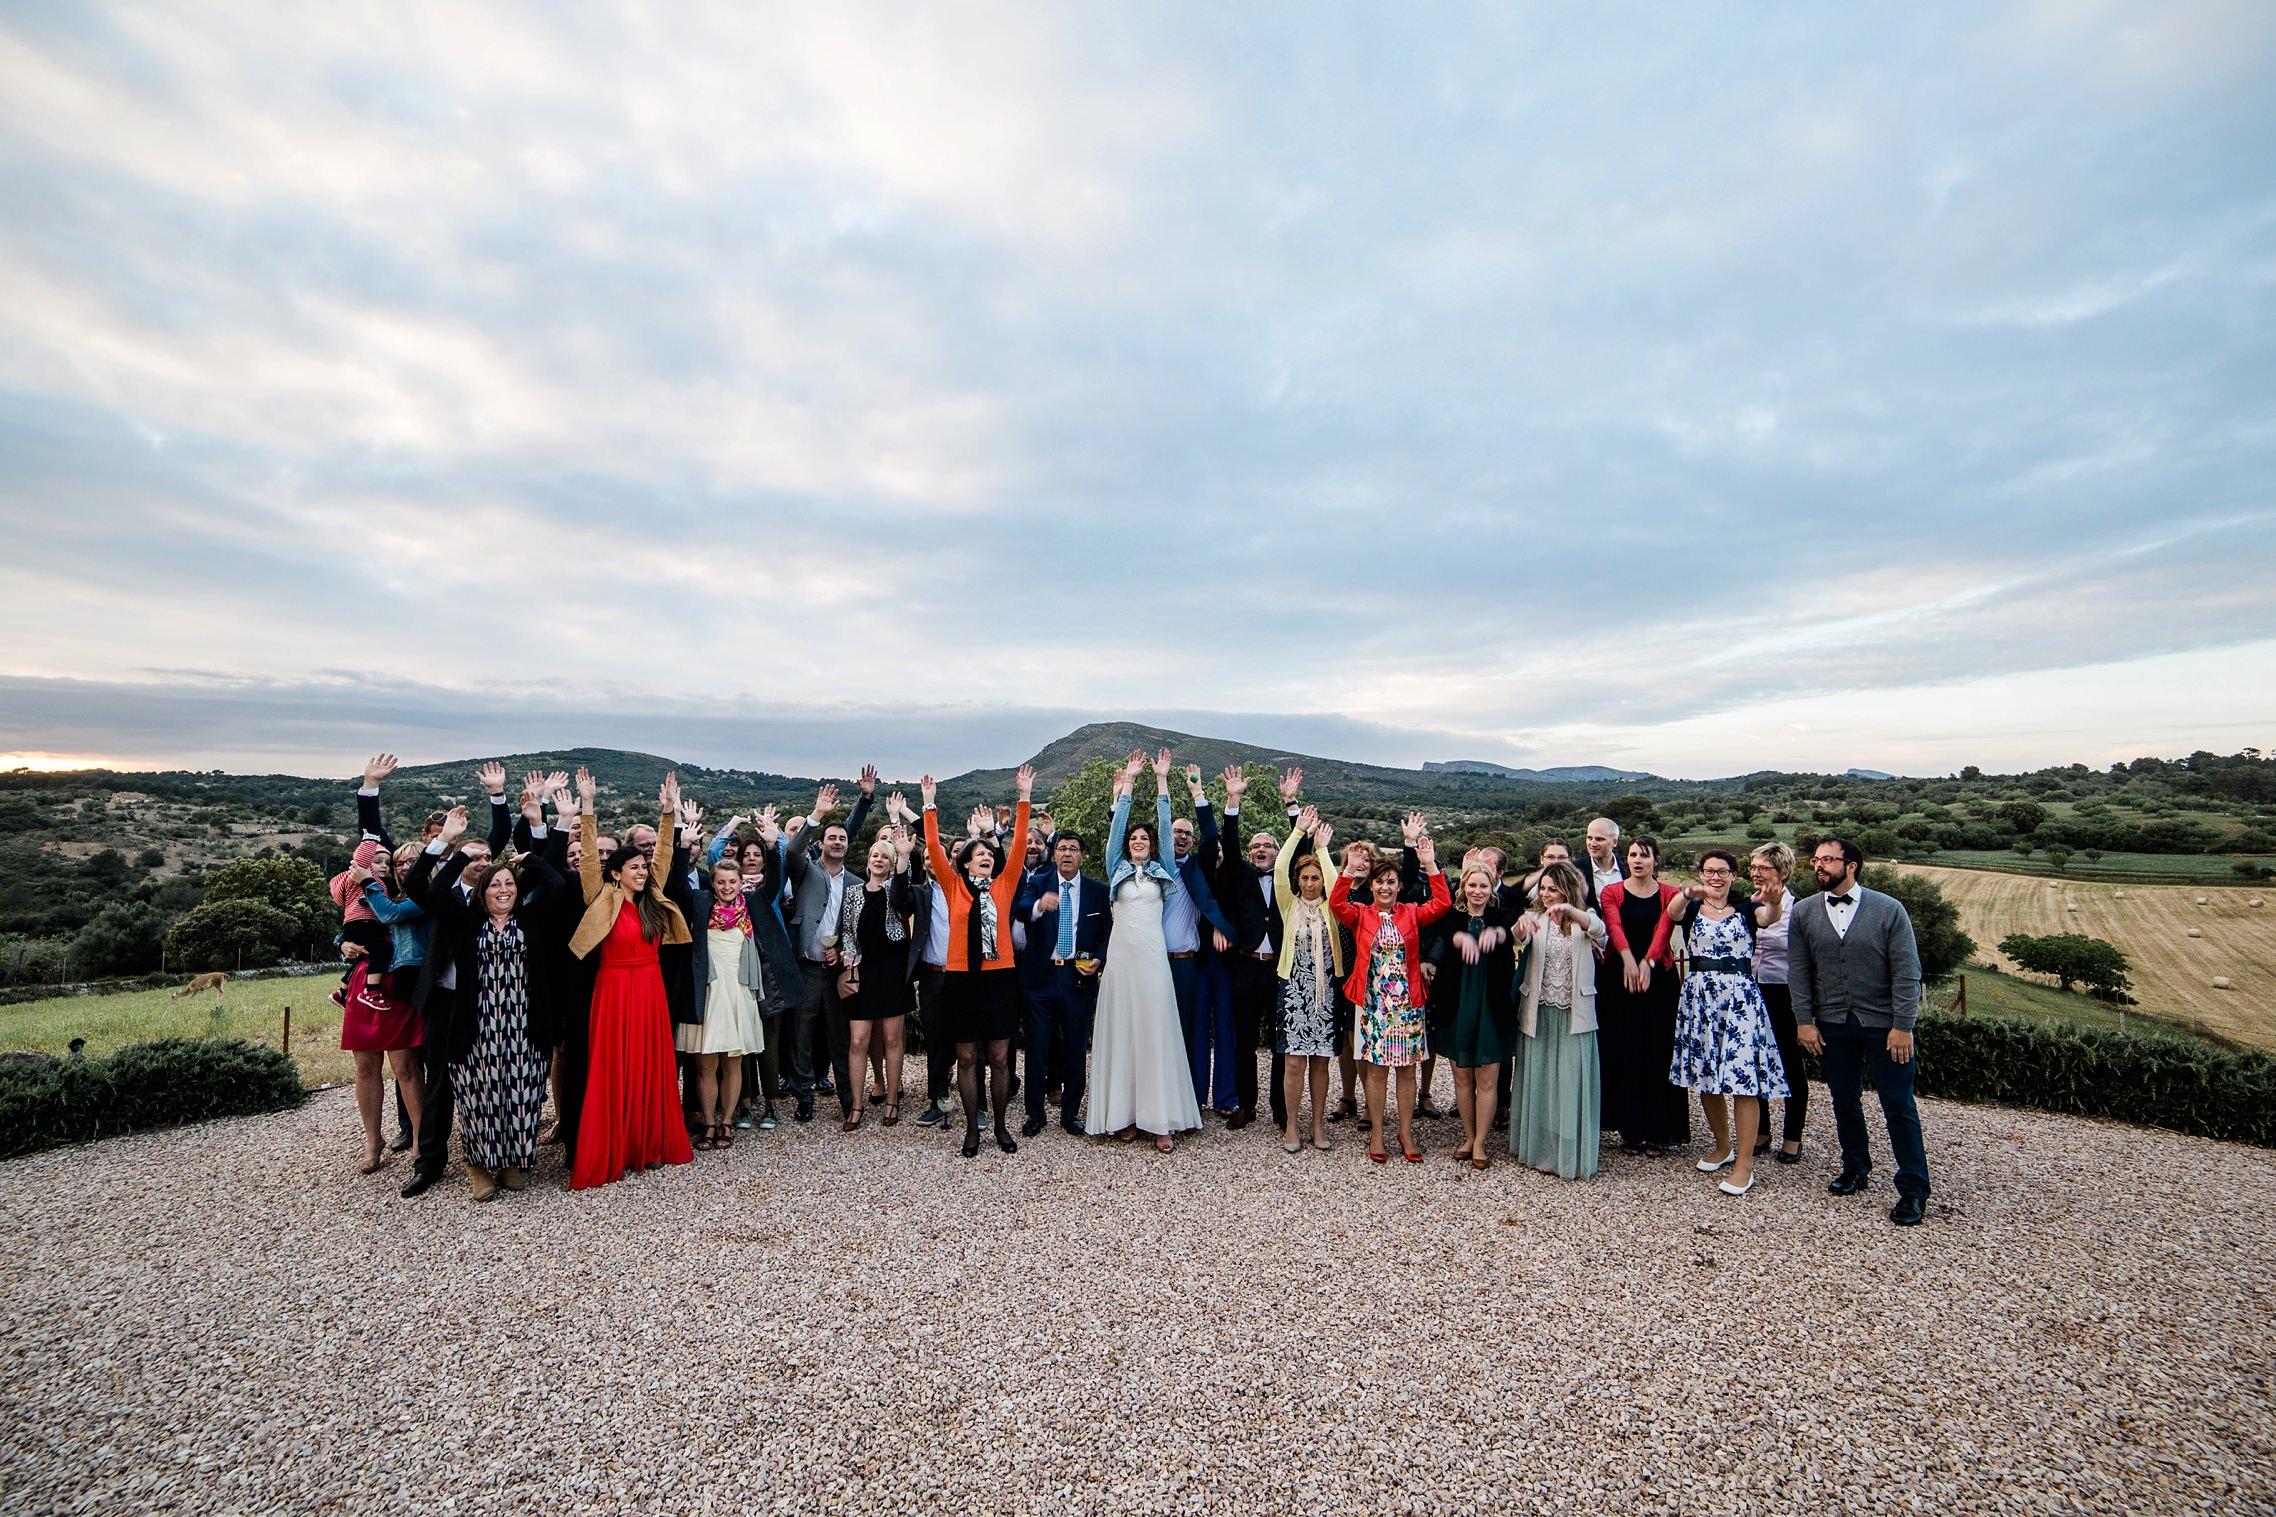 Gruppenfoto auf der Finca-Hochzeit vor der Berg-Kulisse